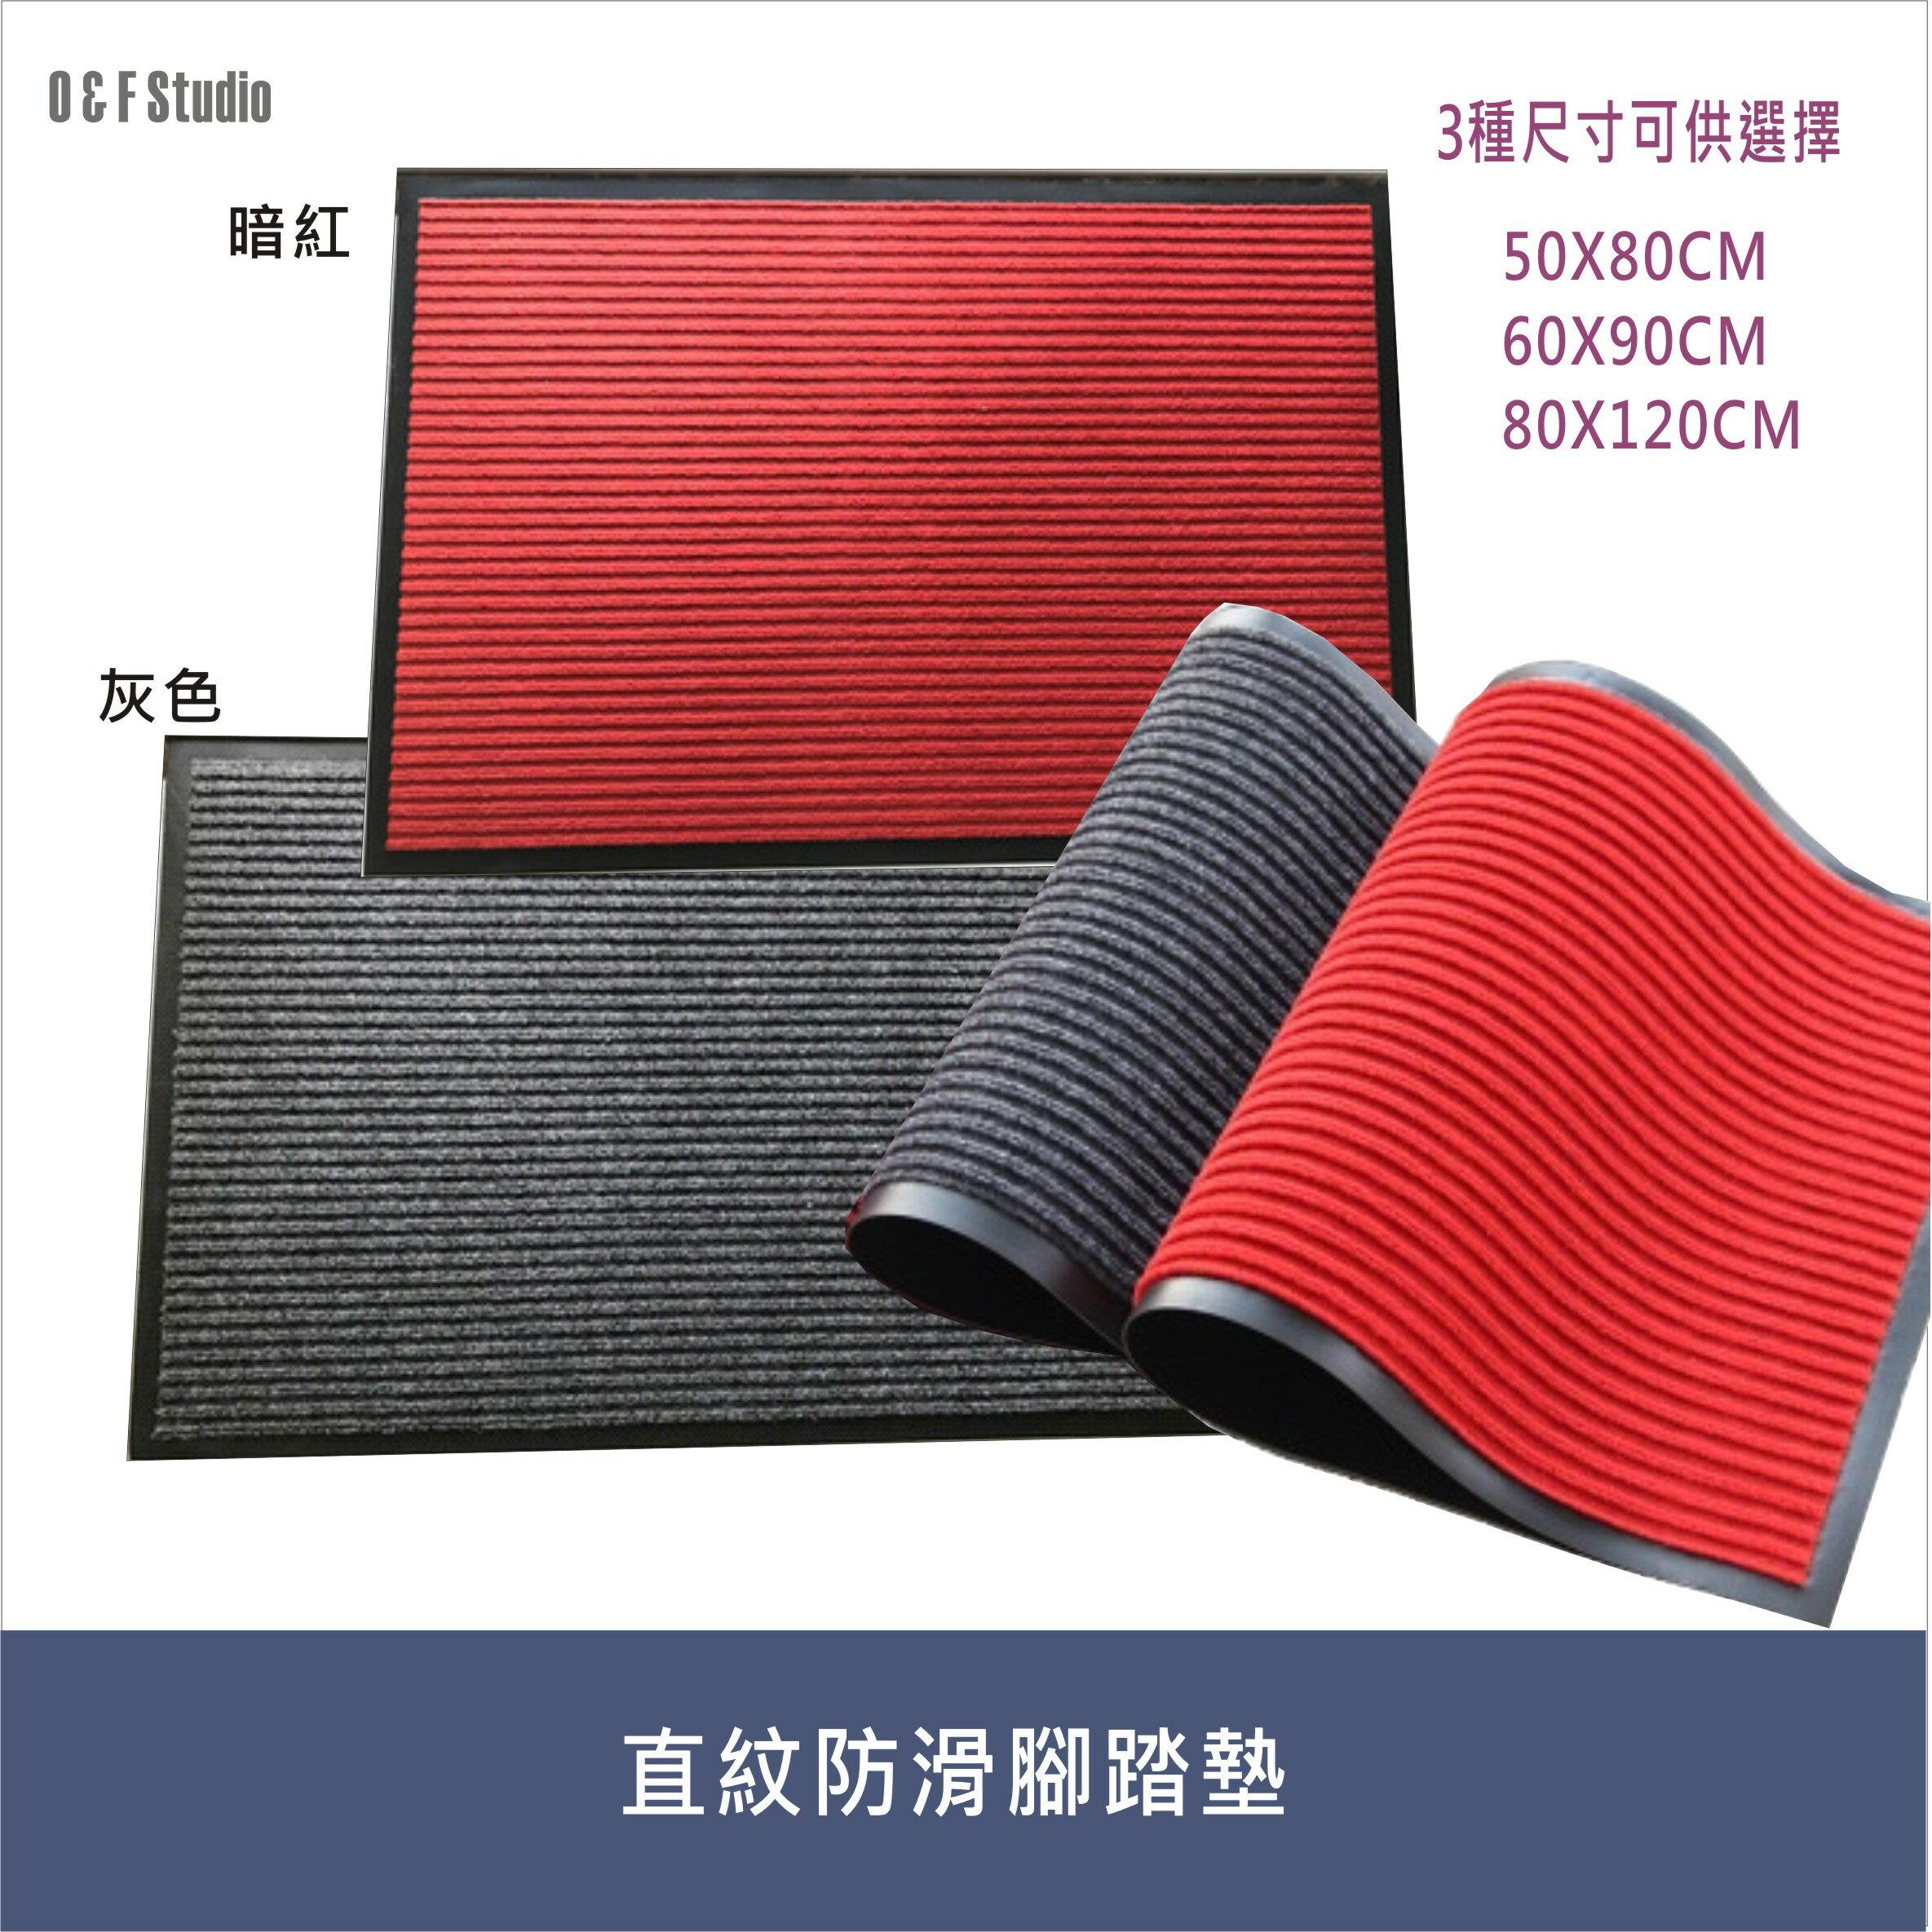 門墊 直紋防滑腳踏墊(50x80, 60X90, 80X120公分) 刮泥墊 室內外門墊 地毯 【居家達人 MP042】